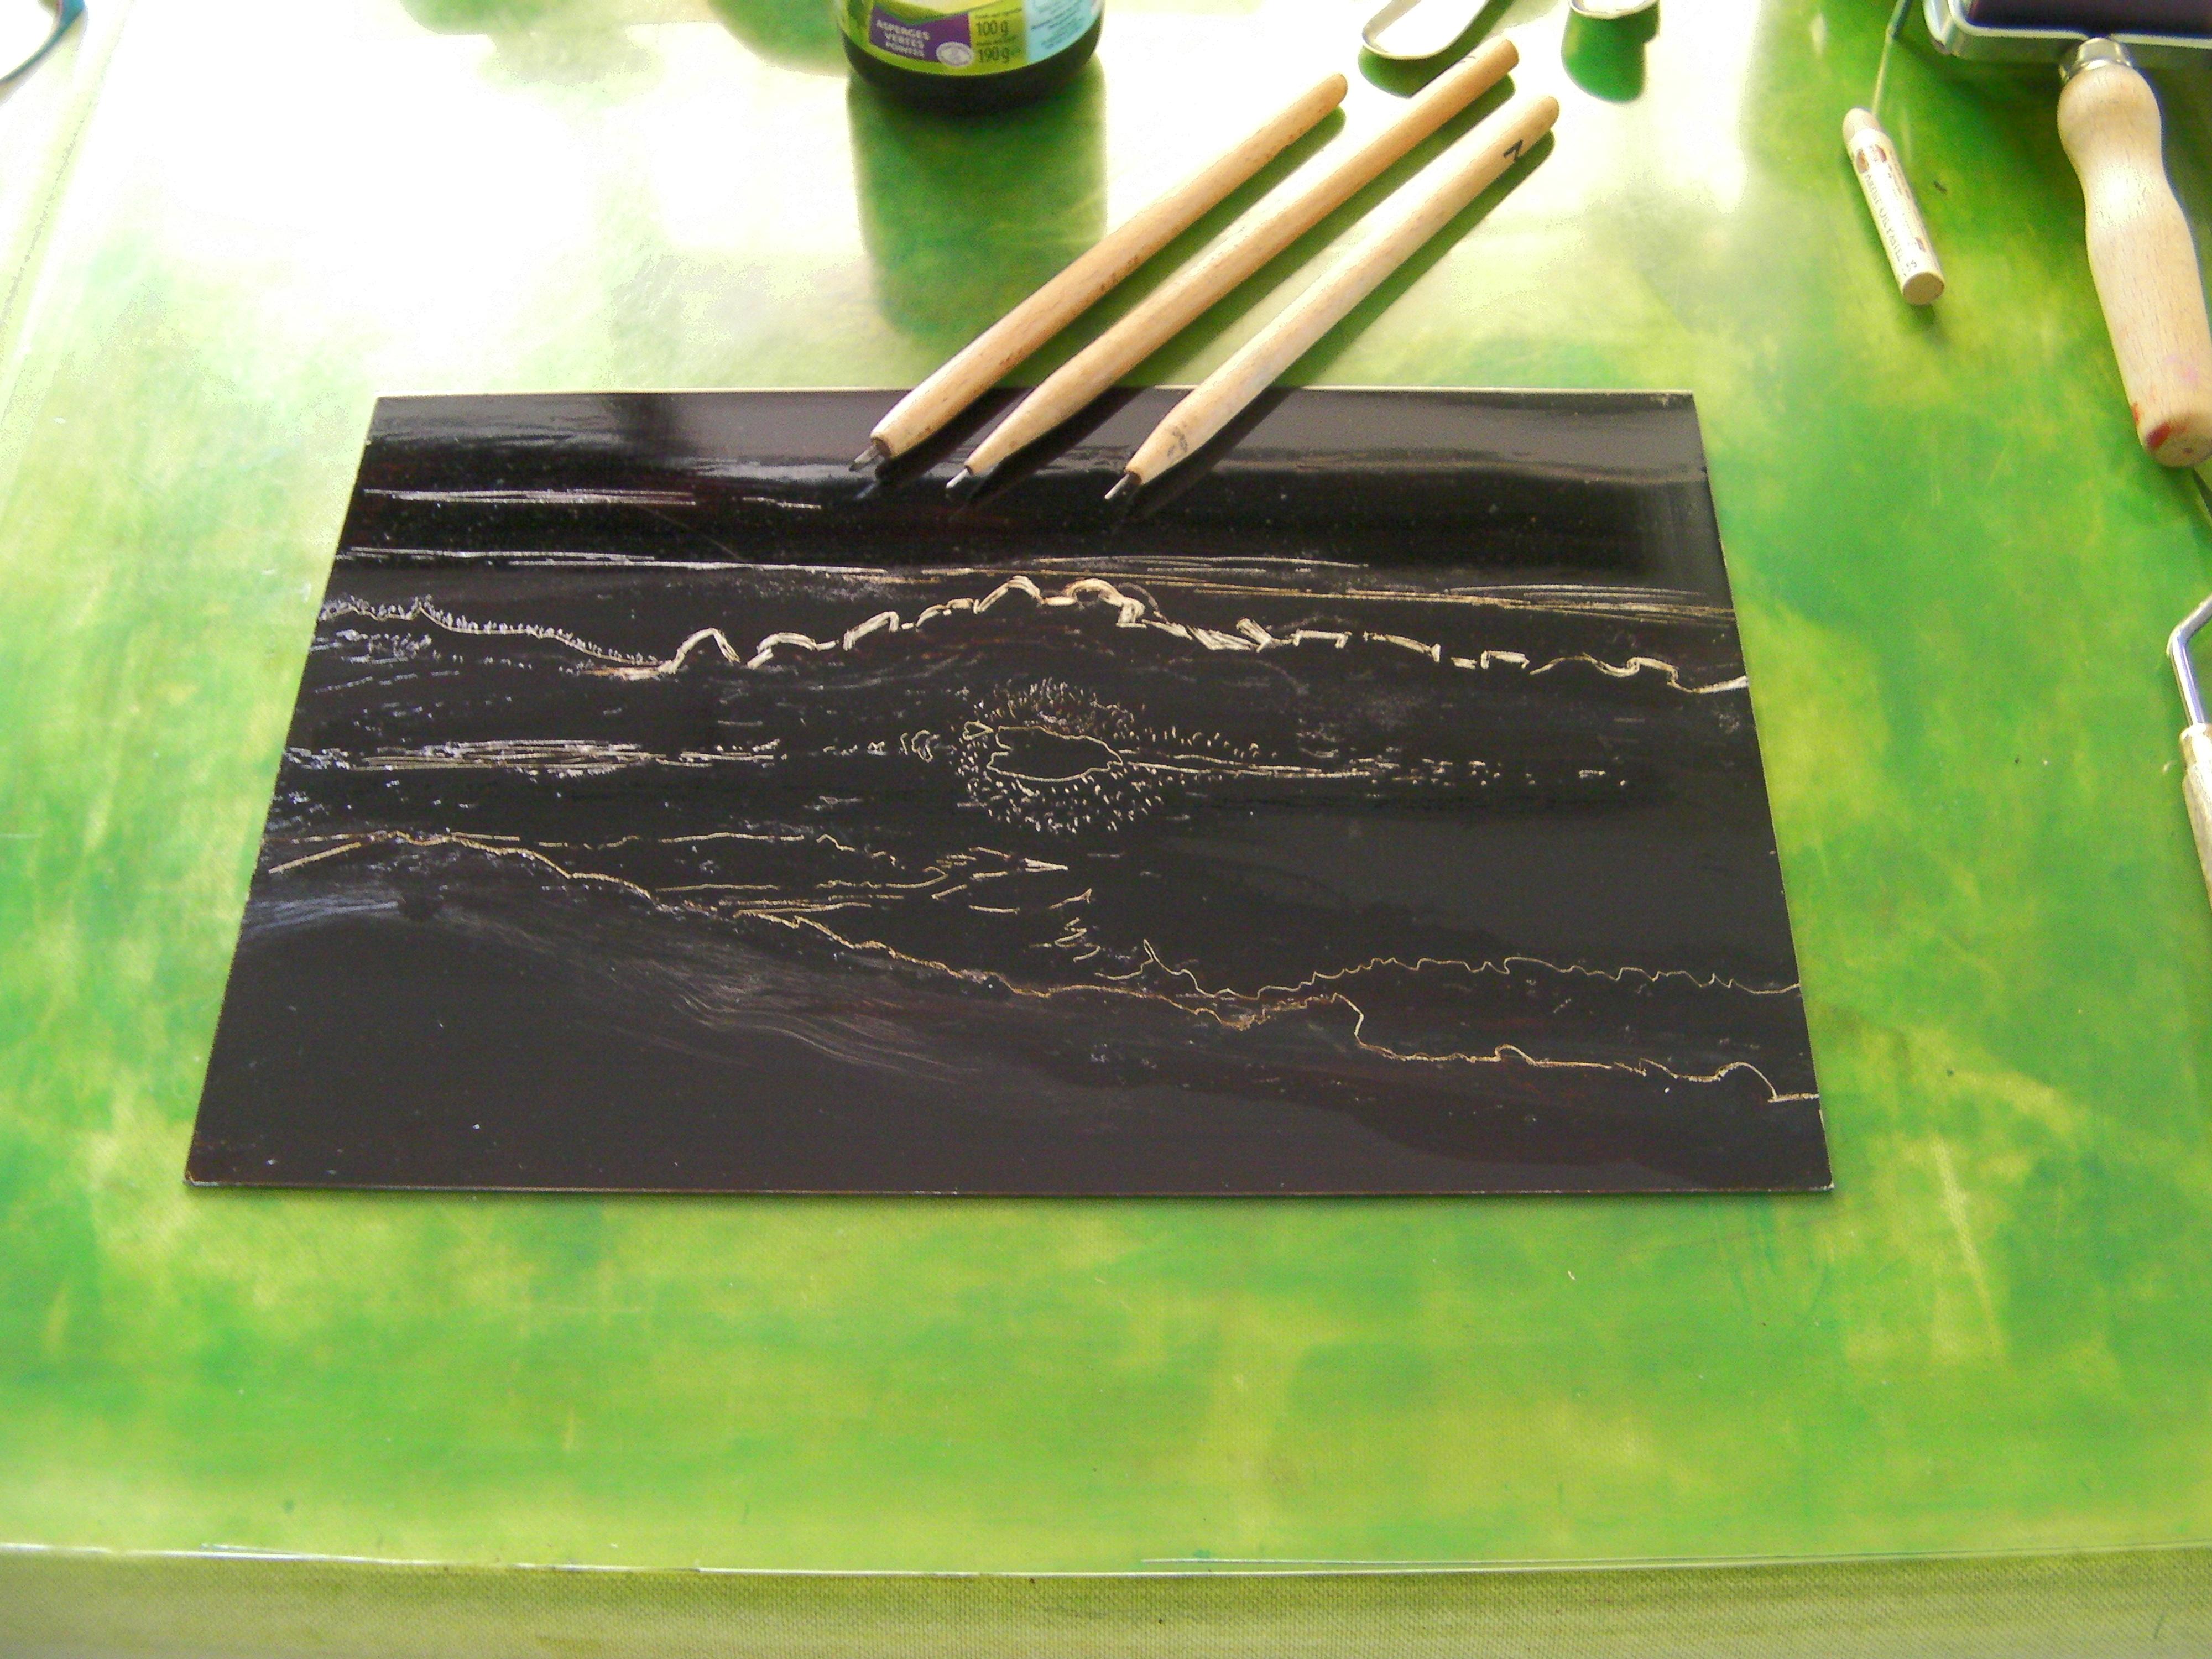 gravure sur métal vernis atelier corse antibes